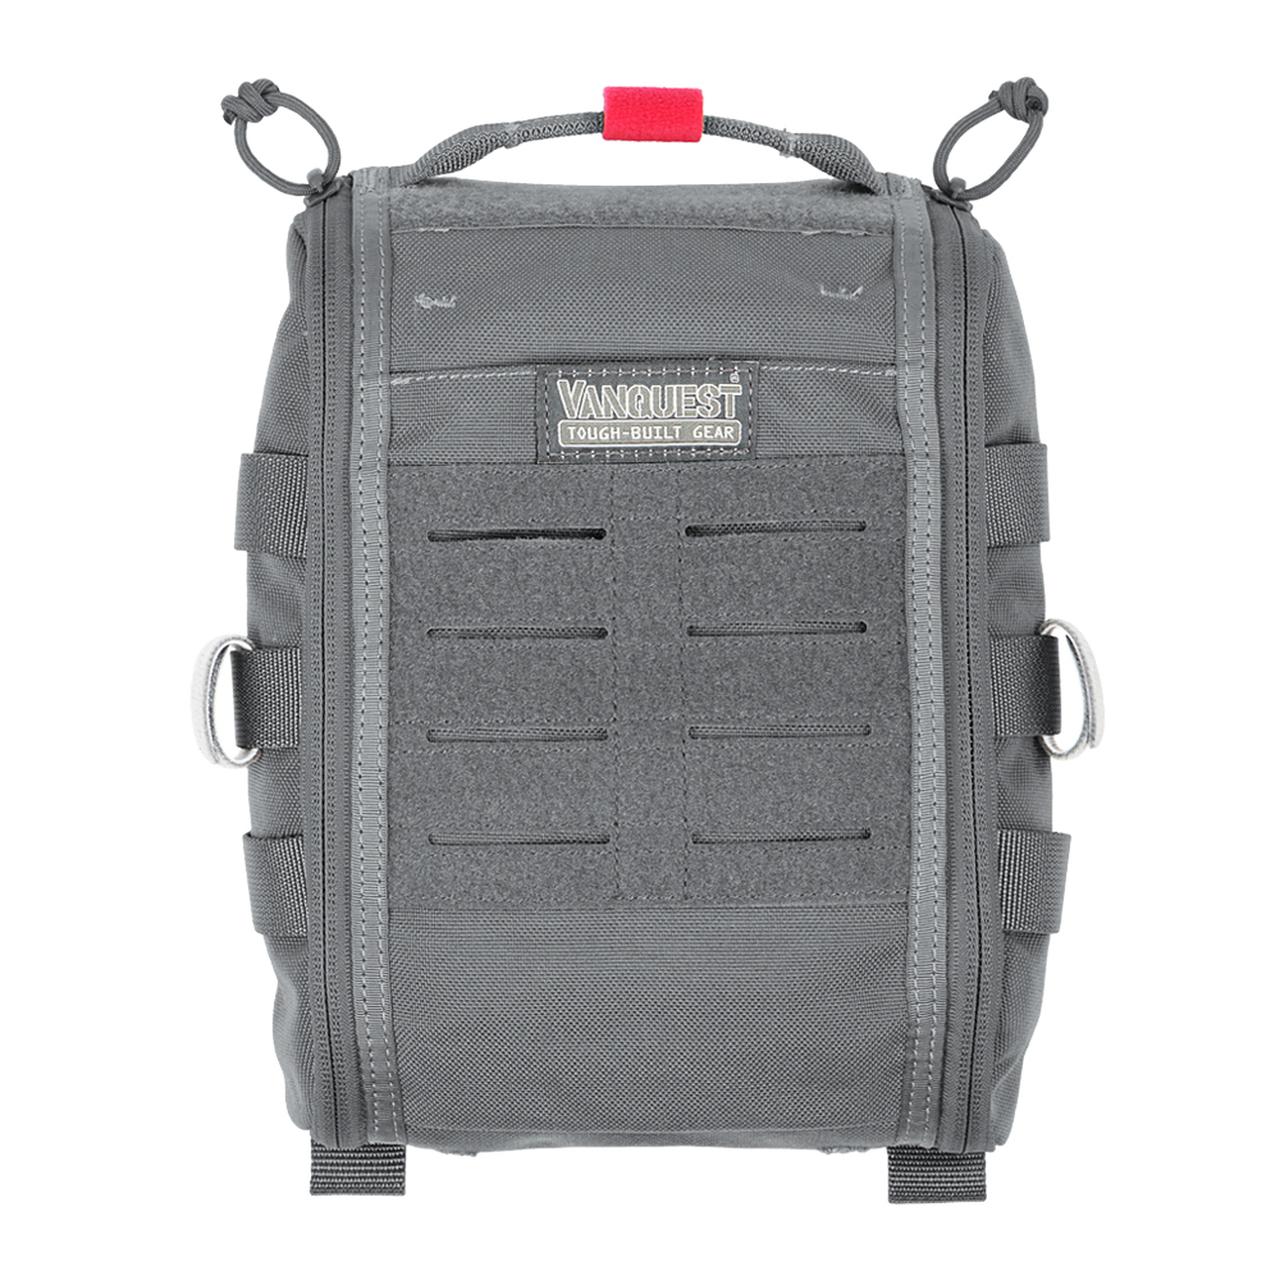 Pouch VANQUEST FATPack 7X10 (Gen-2) – Wolf Grey